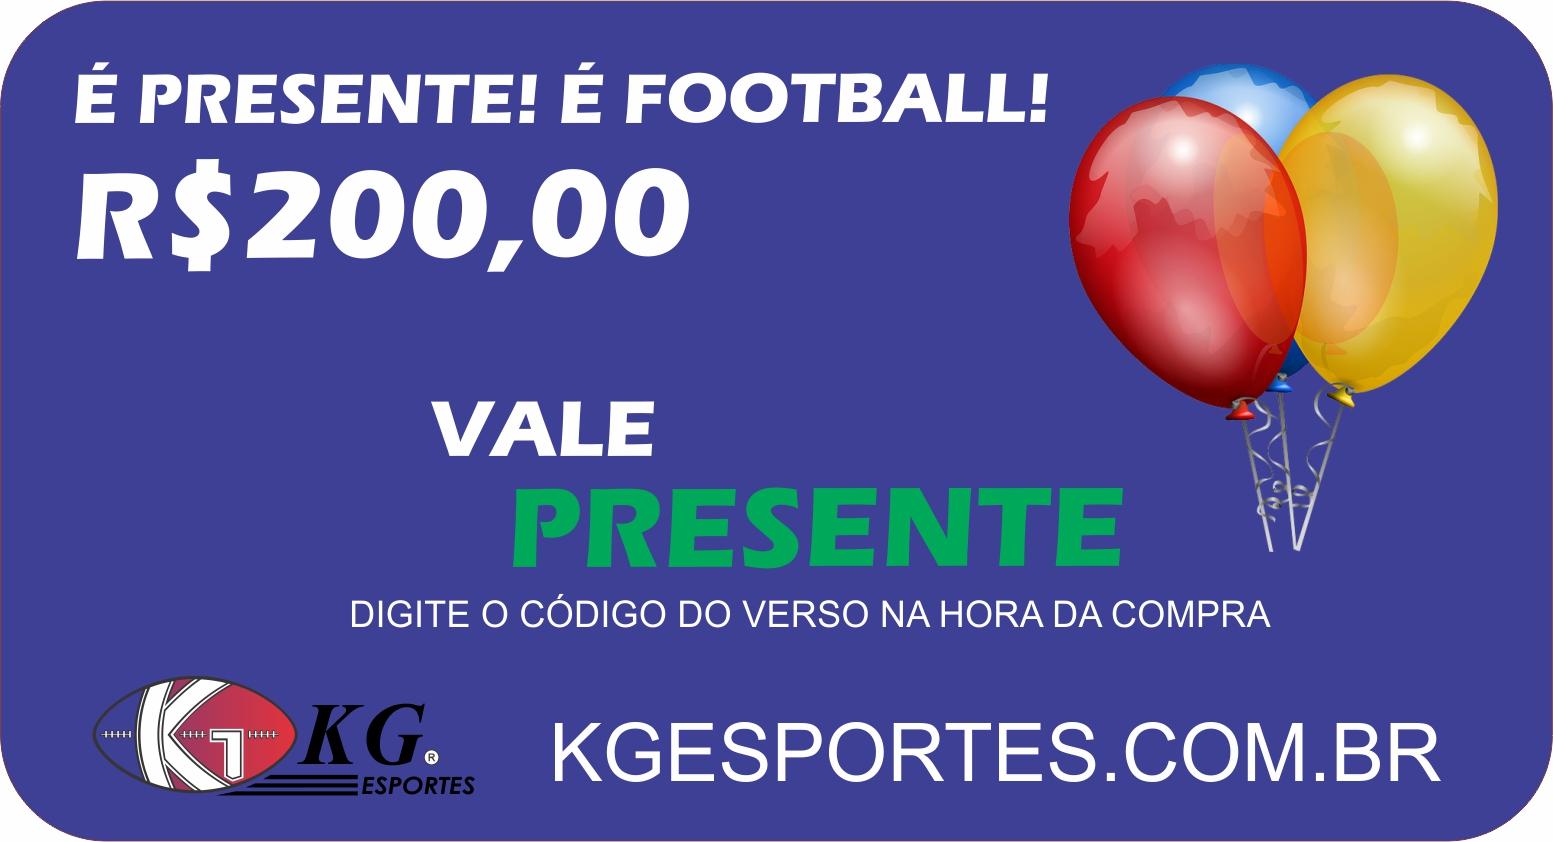 Vale-presente KG Esportes (R$ 200,00)